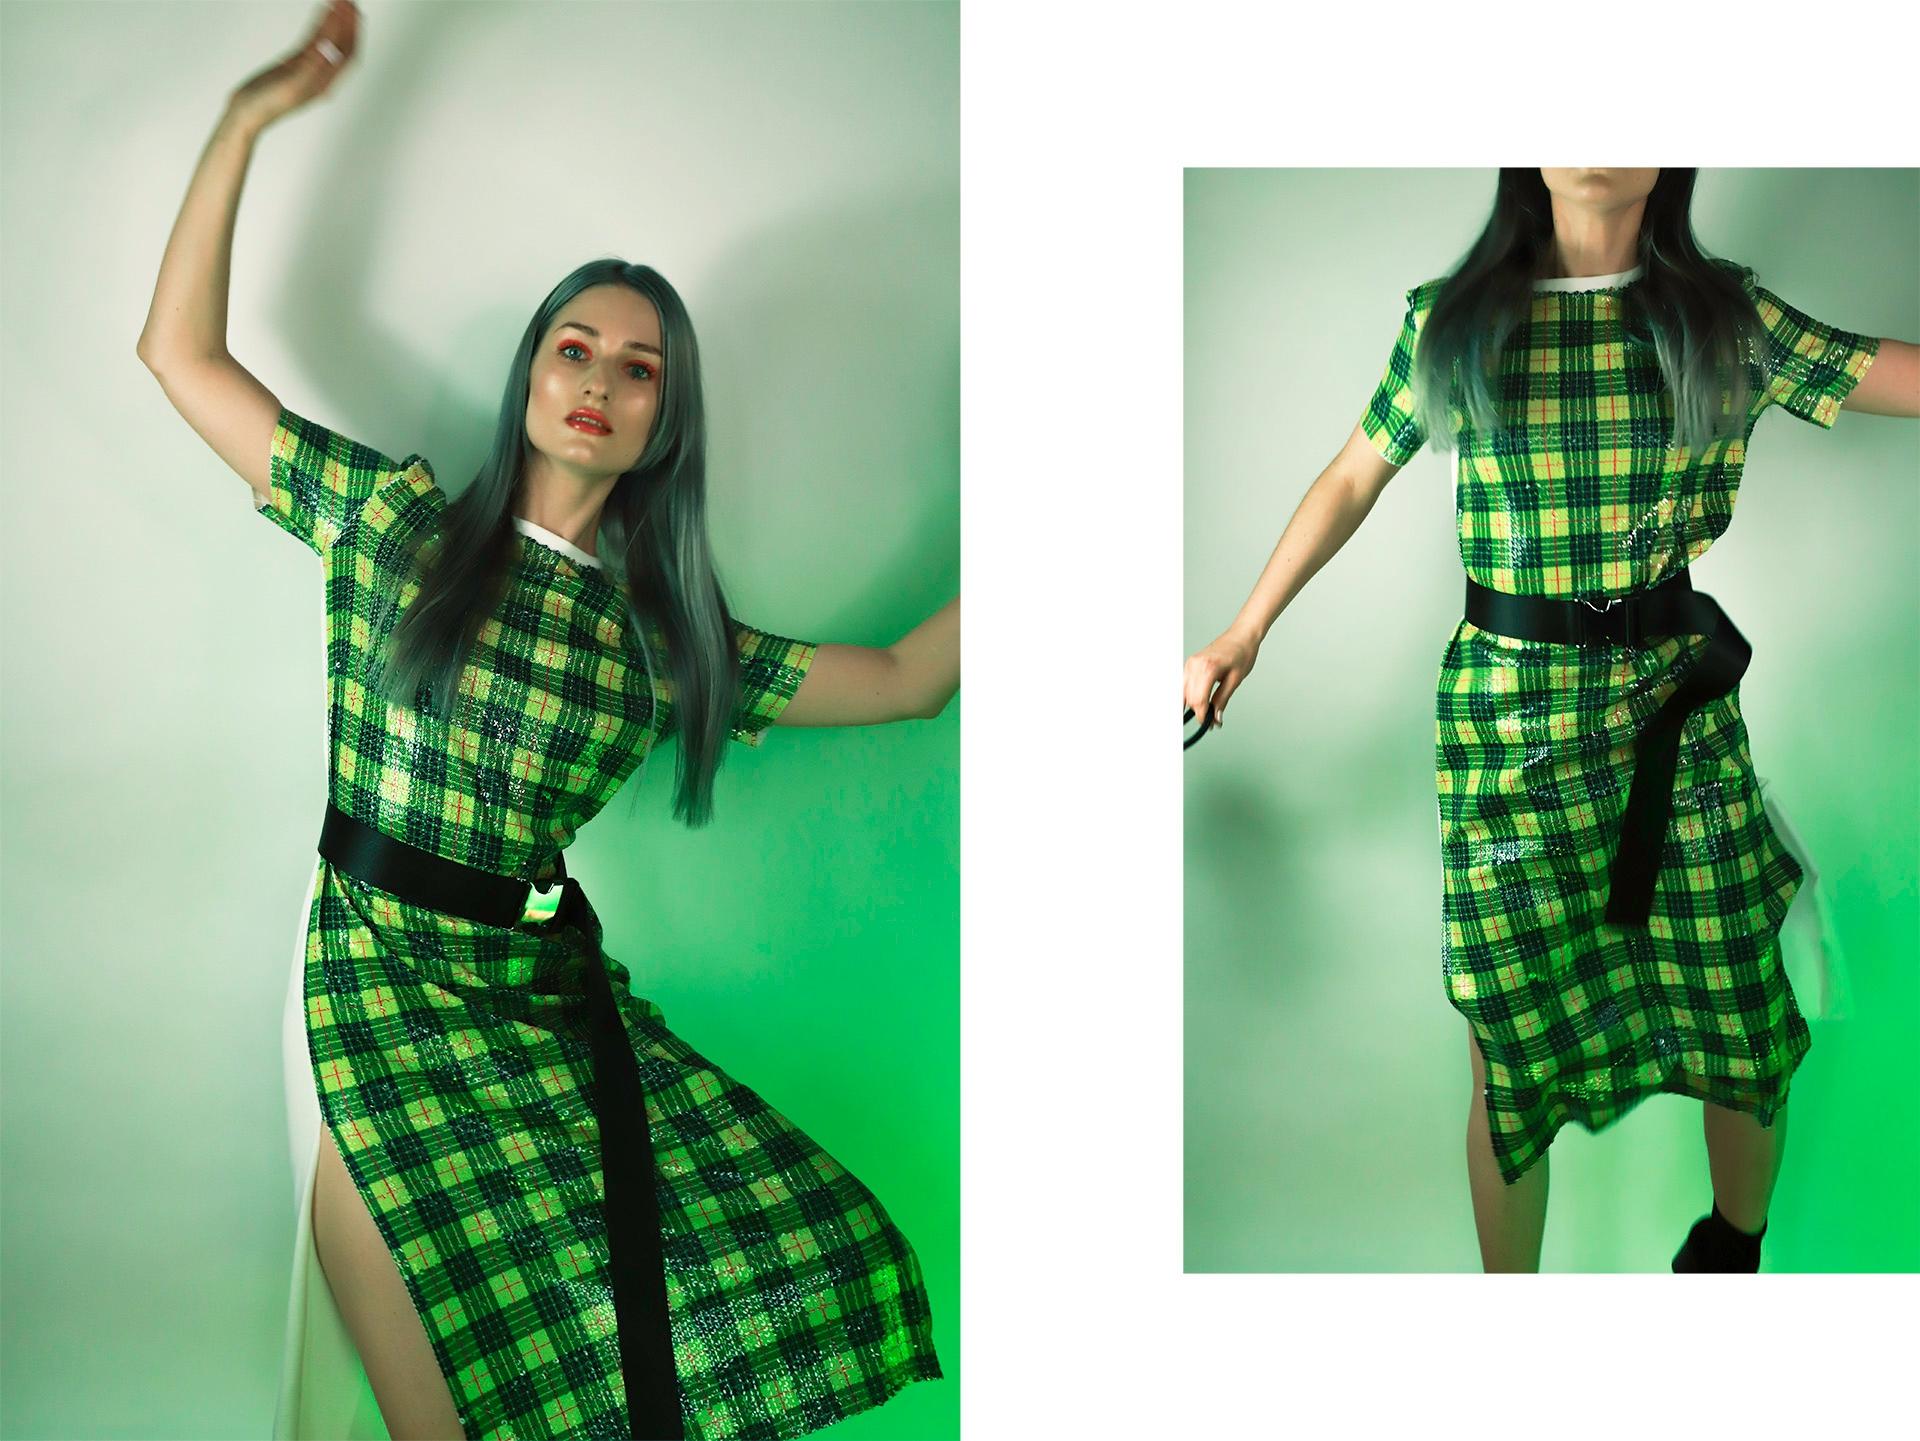 Obraz przedstawia dwa zdjęcia kobiety w kraciastej sukience. Całość oświetlona jest zielonym światłem.